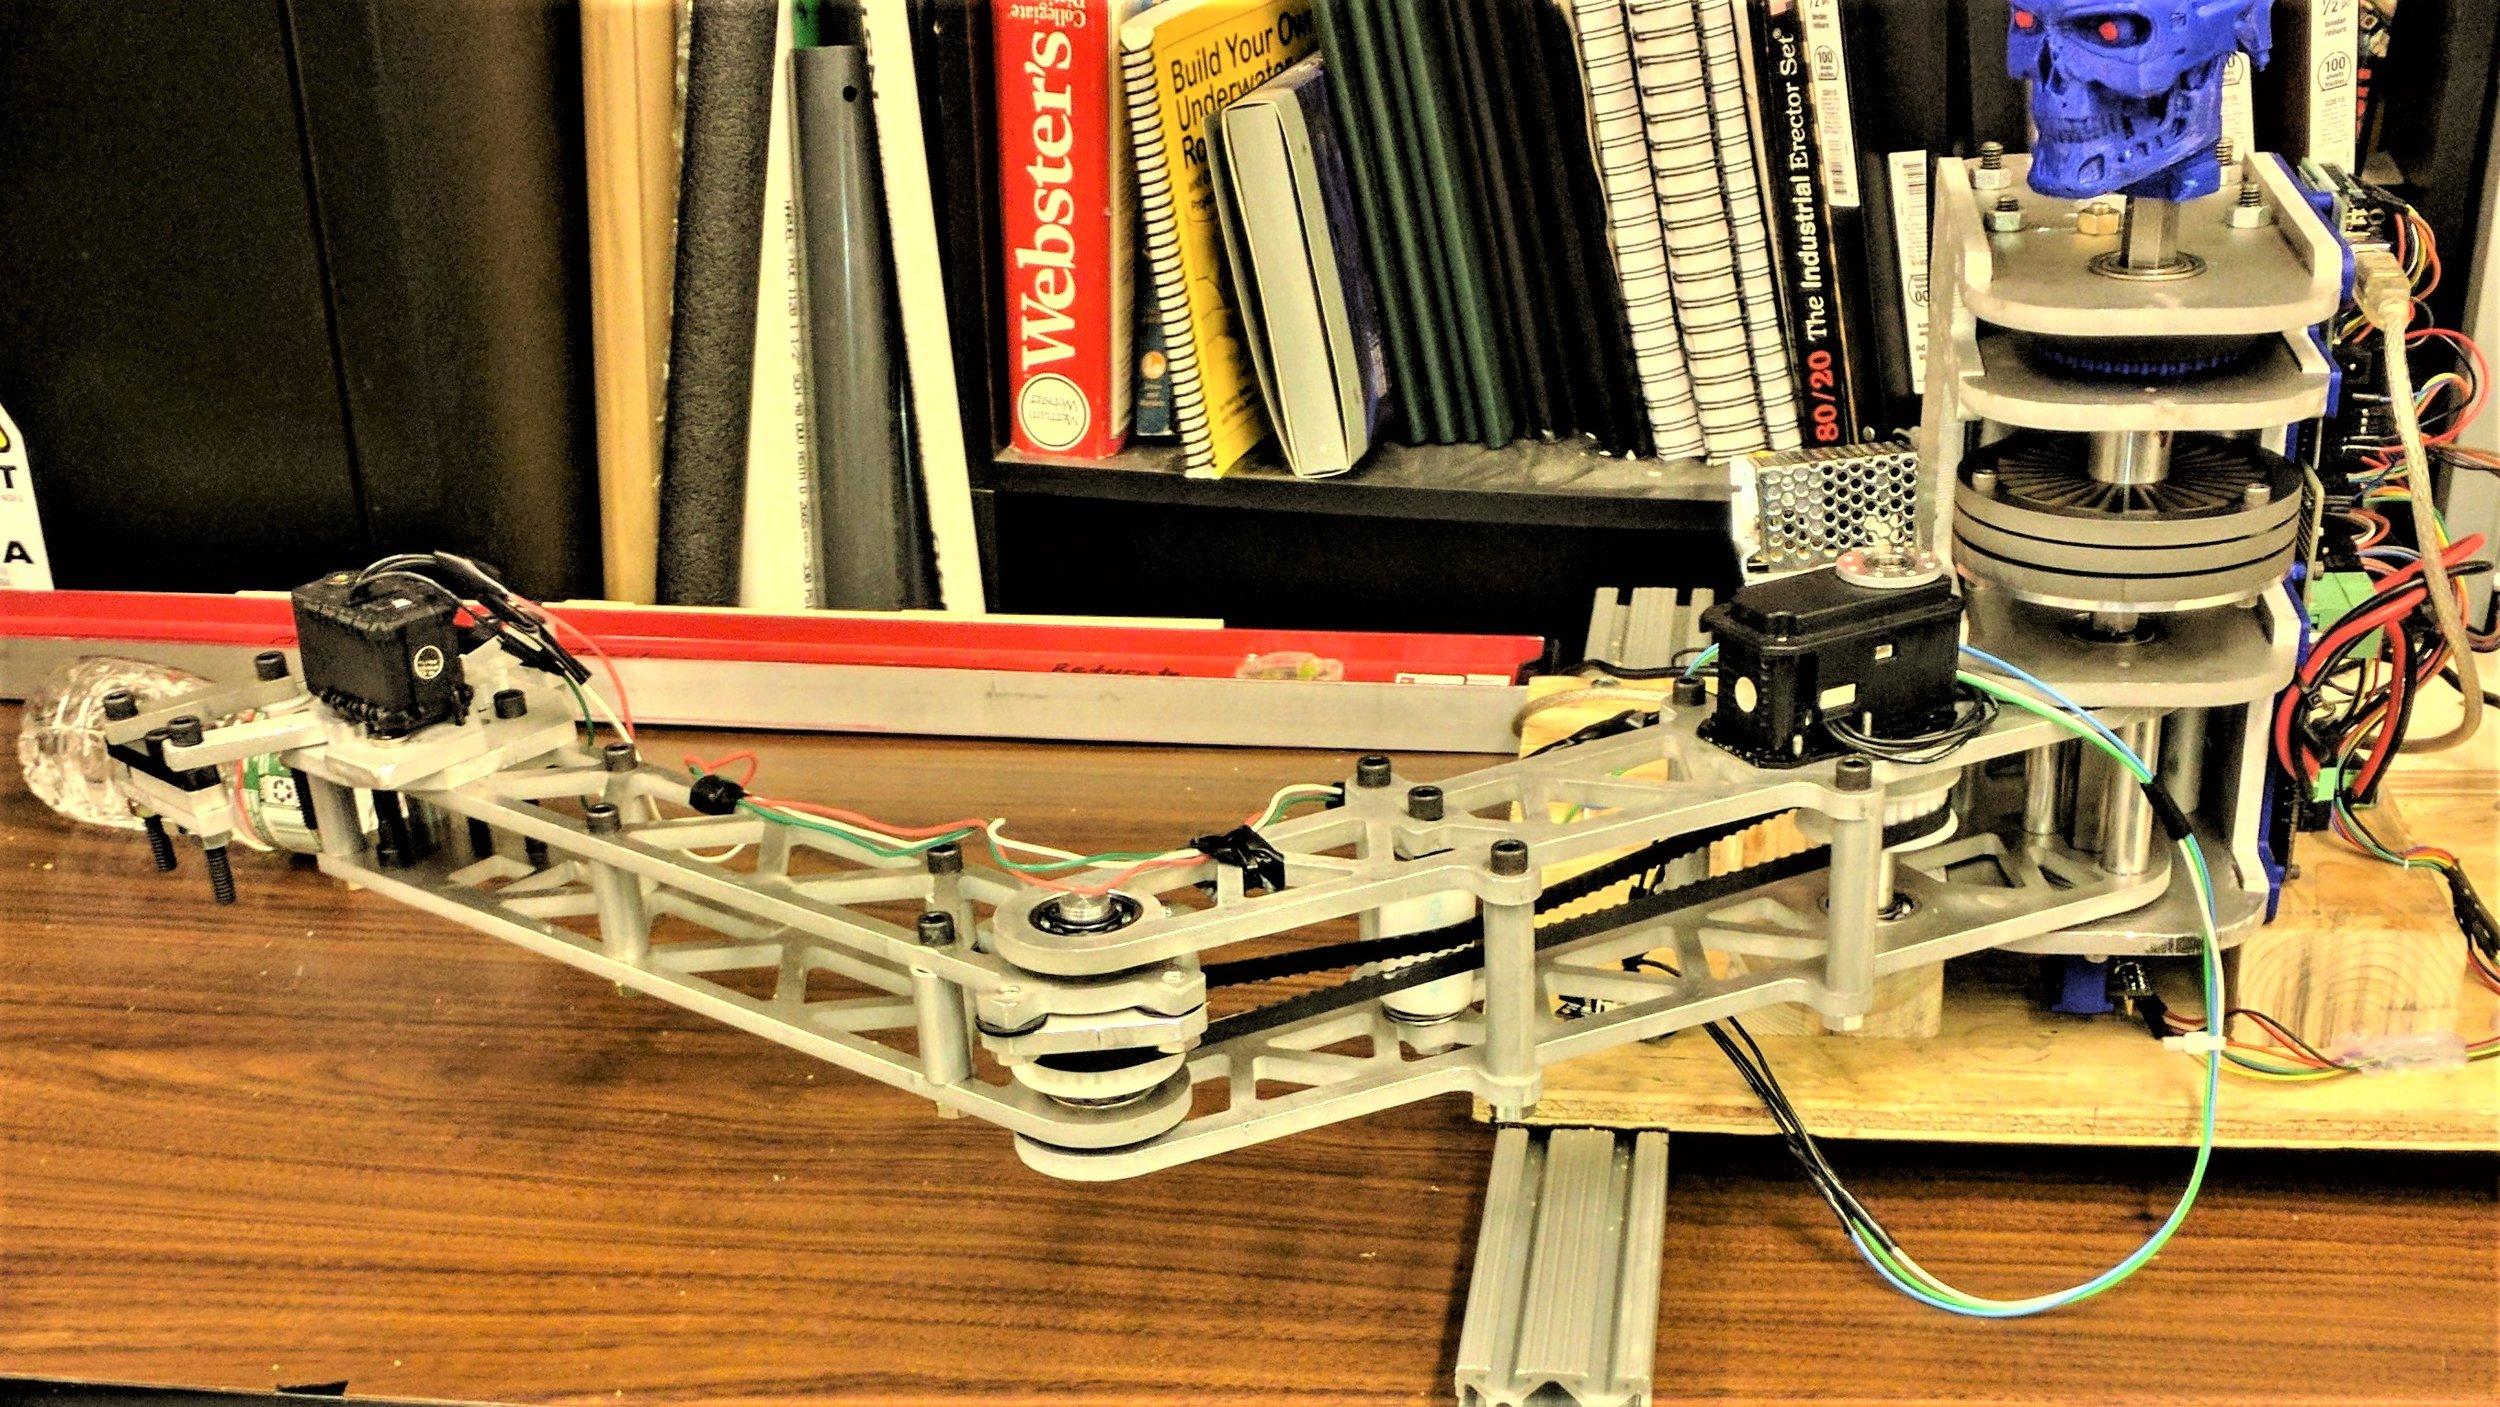 Robot Arm - 2.12 Introduction to Robotics